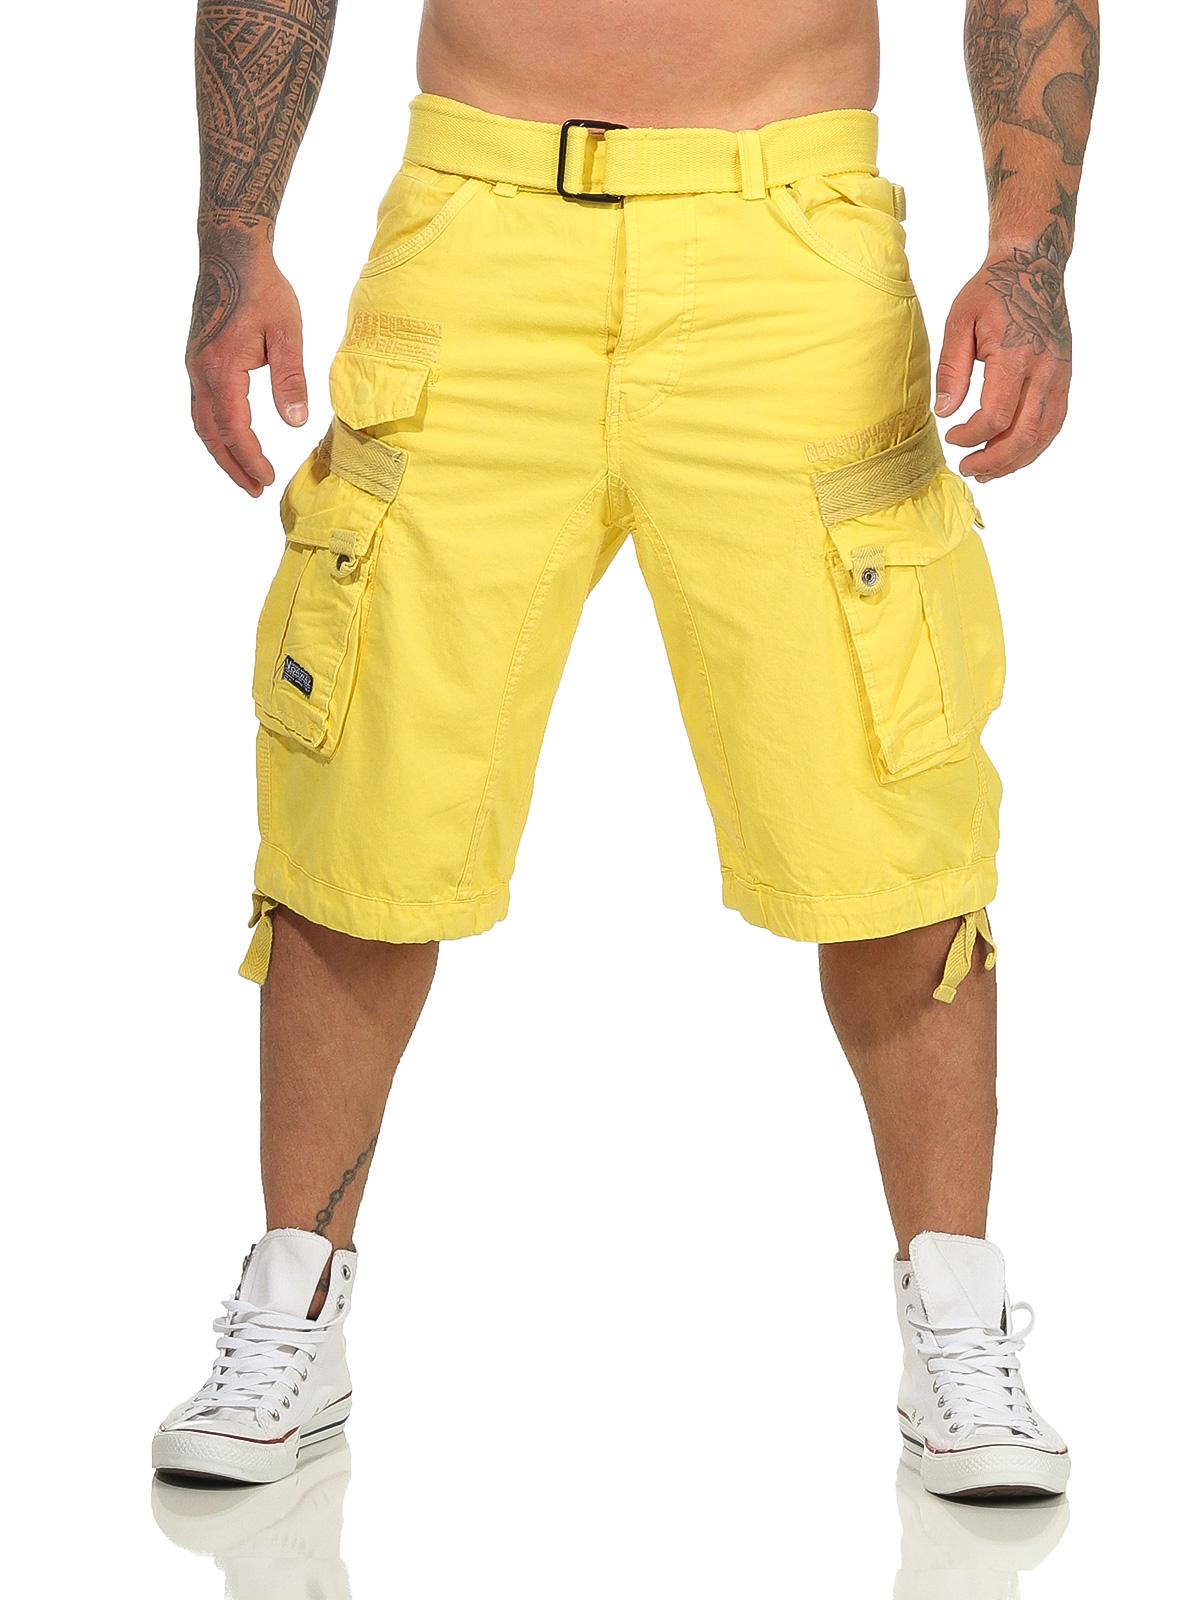 Geographical Norway Cortos Cargo Pantalones Cortos Bermudas Con Cintur/ón Pantalones cortos Hunter en el Bundle con UD PA/ÑUELO